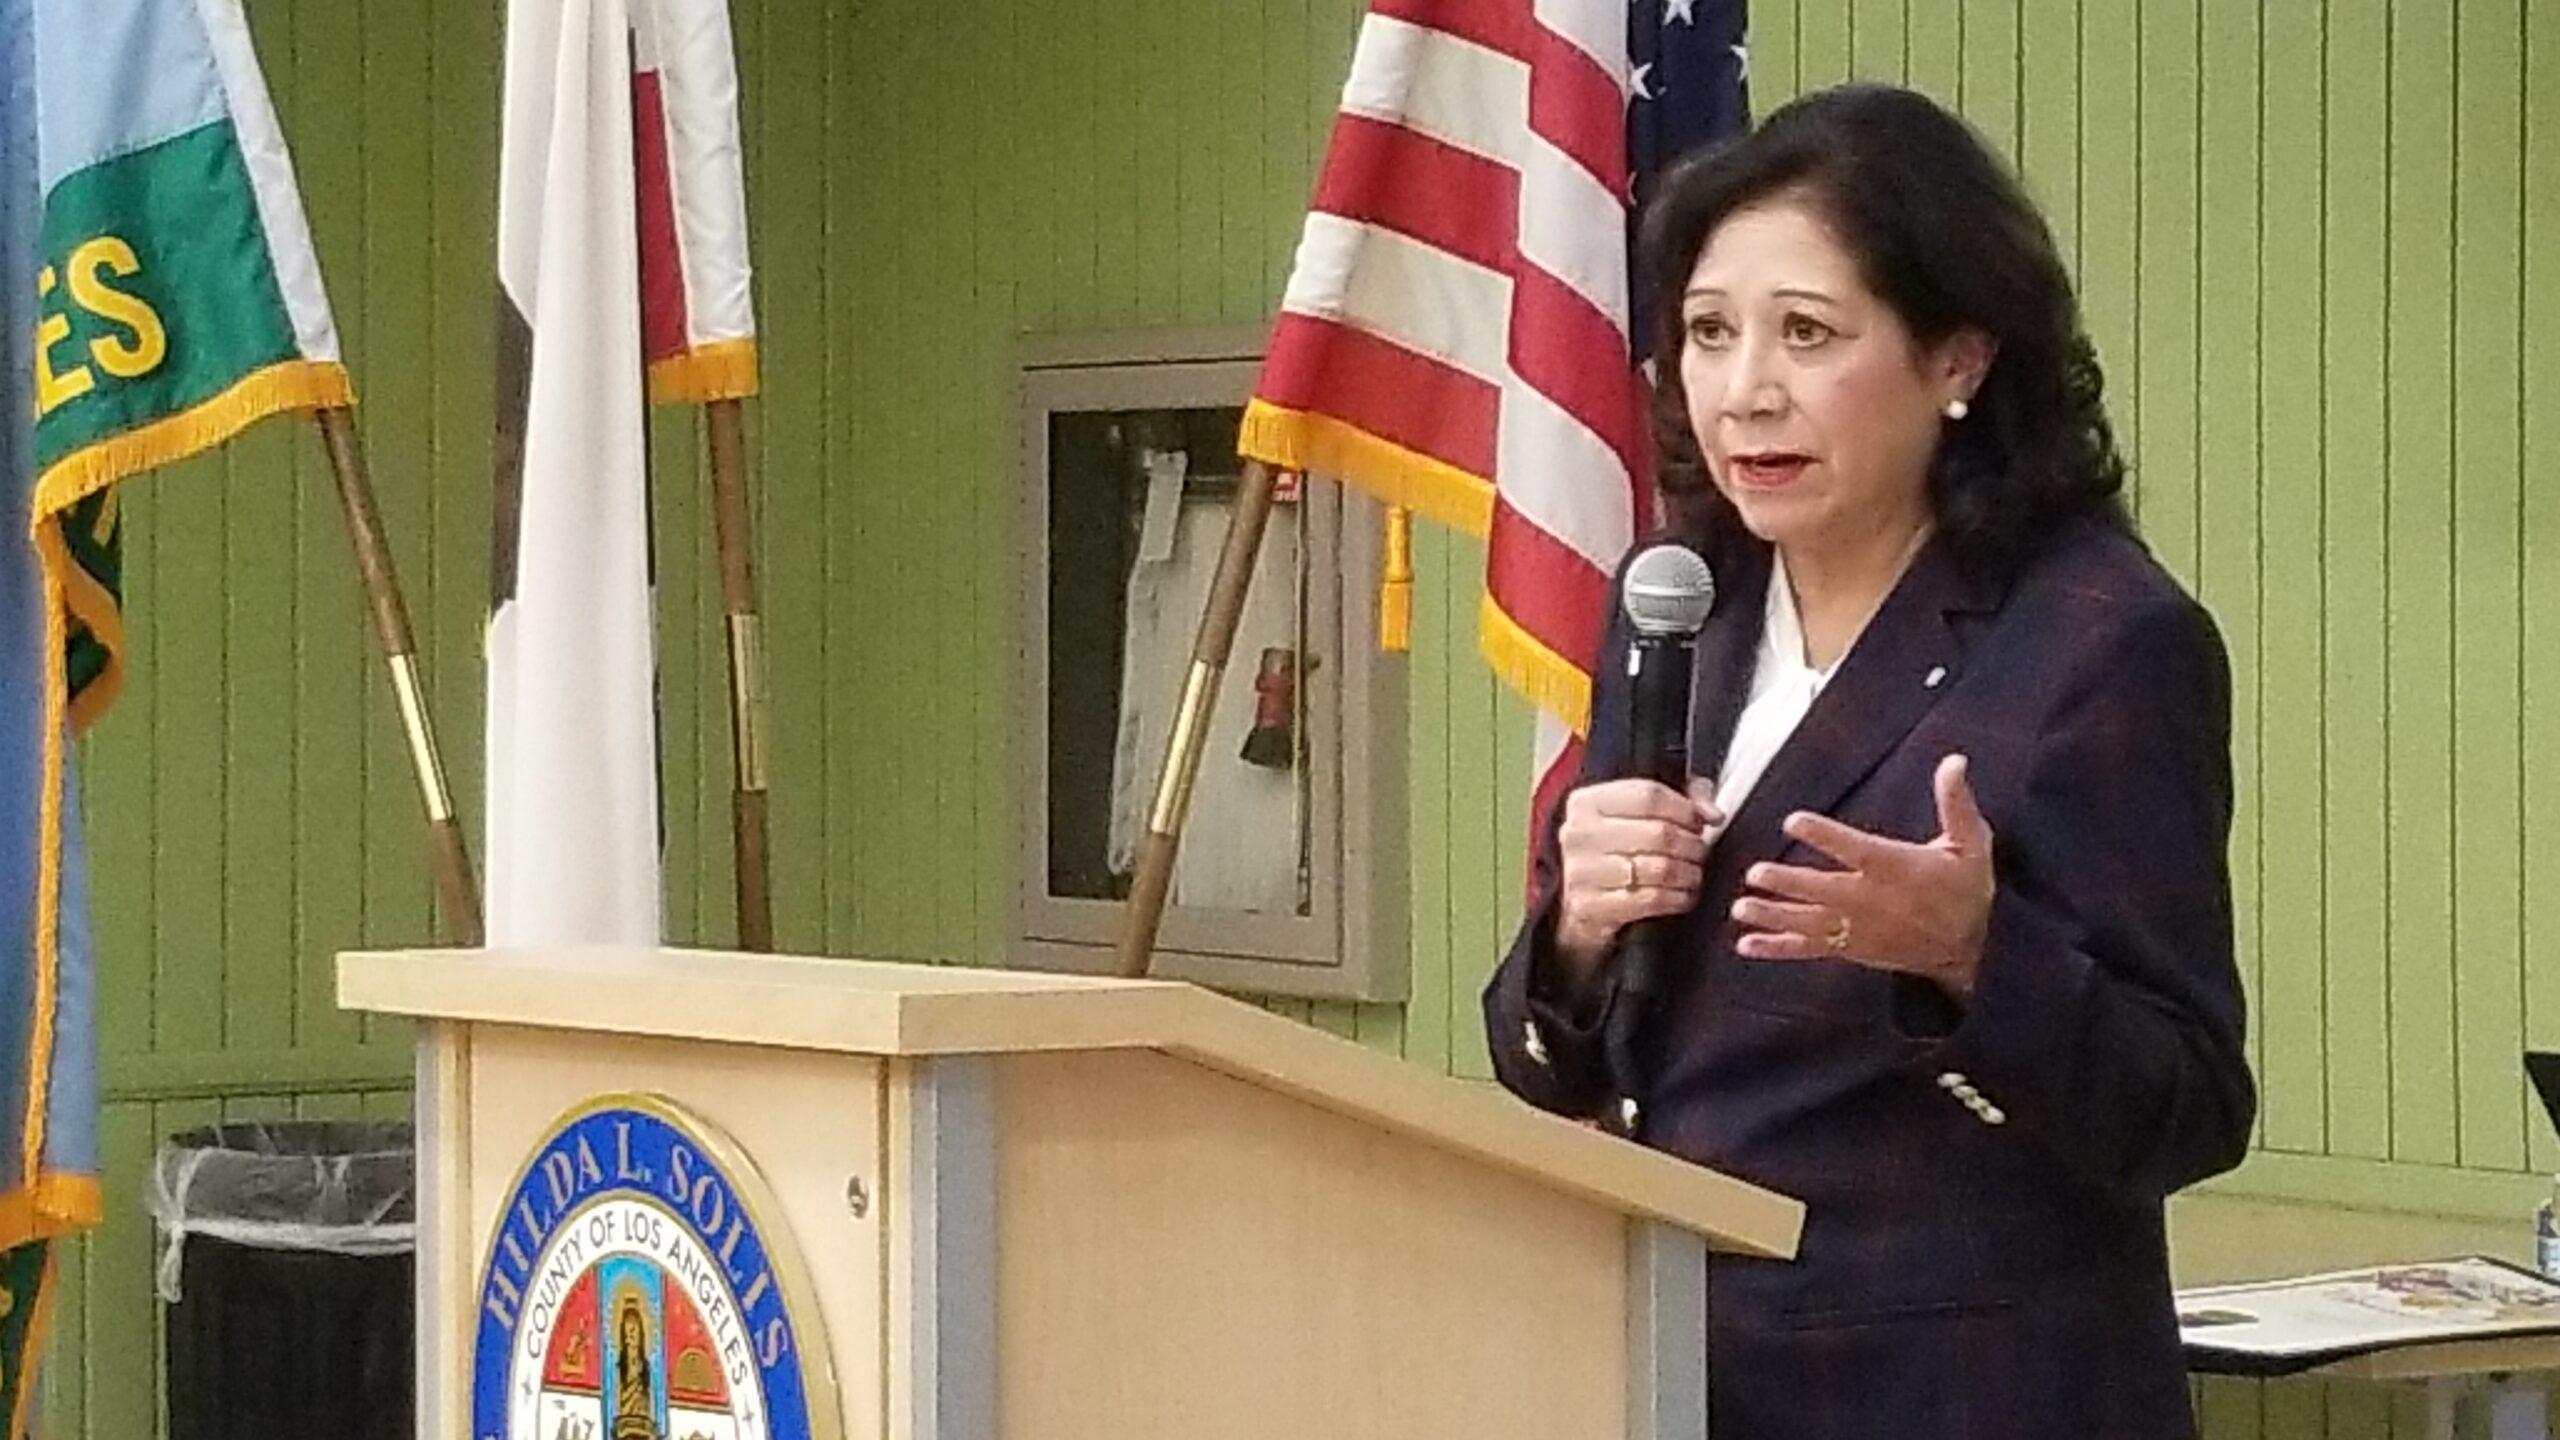 La Supervisora del Condado de Los Ángeles Hilda L. Solís.